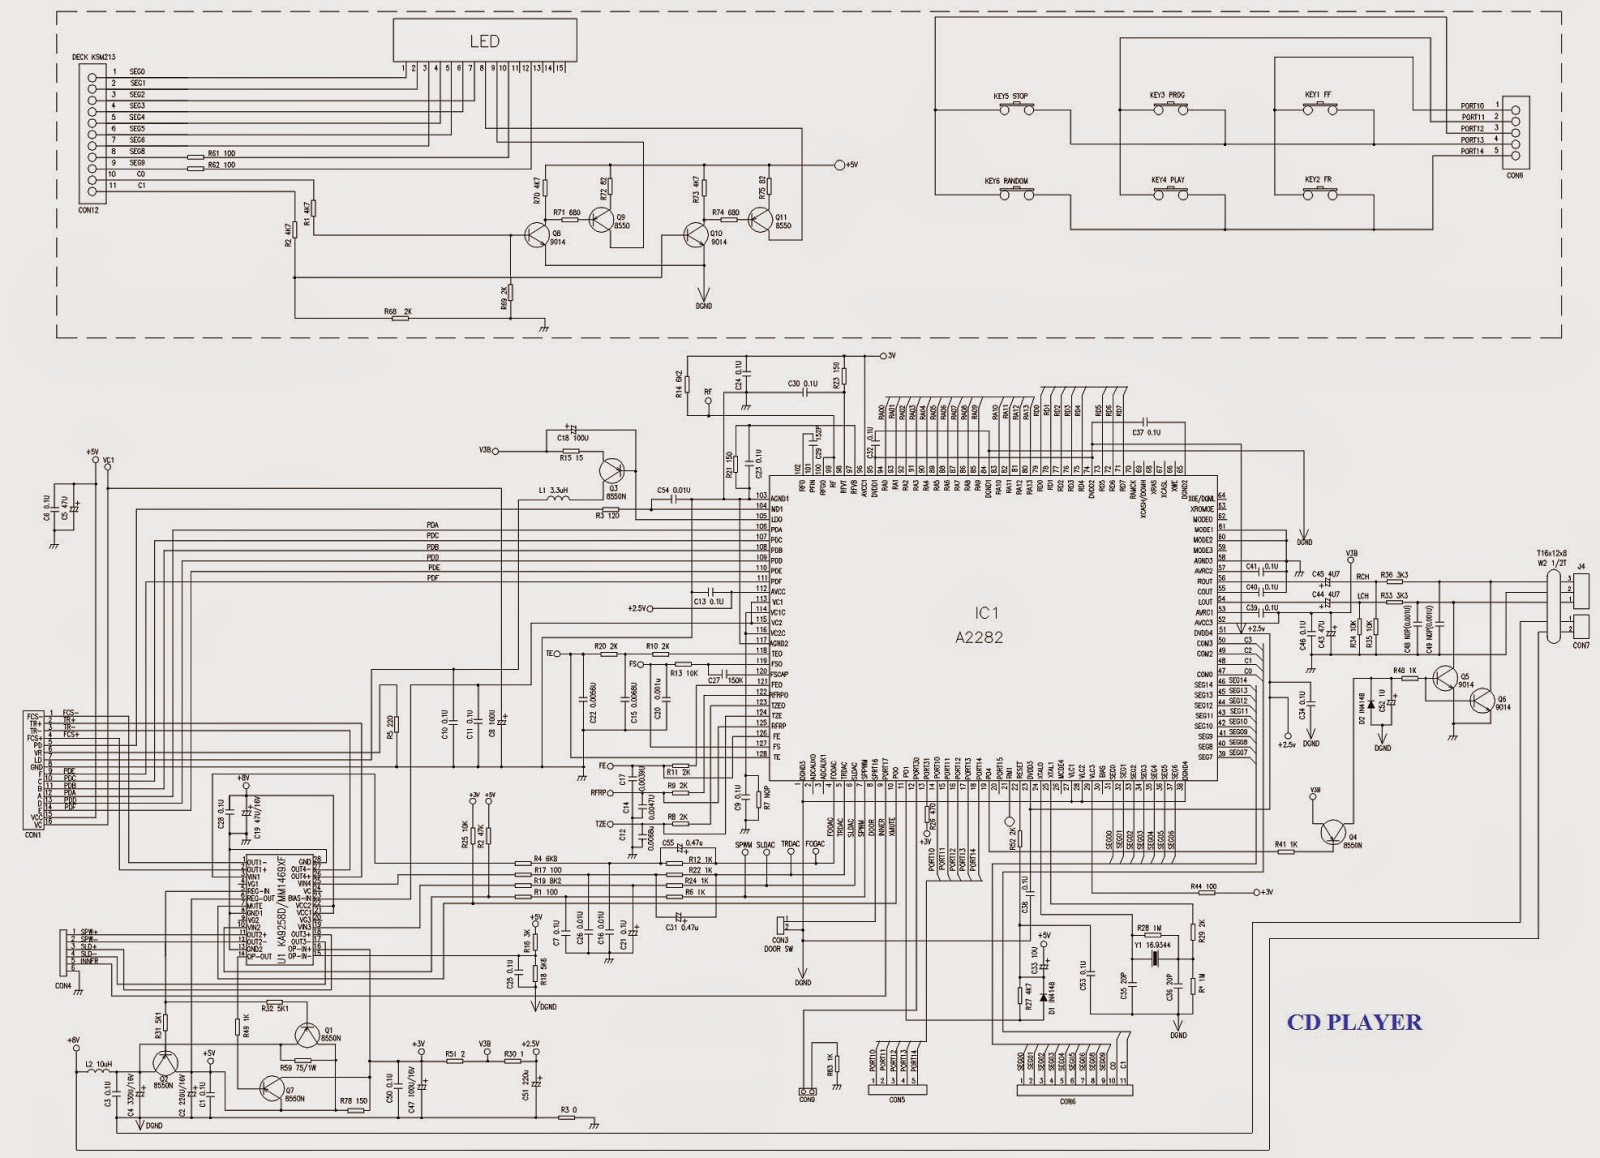 cd player schematic wiring diagram datasource car cd player schematic cd player schematic [ 1600 x 1158 Pixel ]